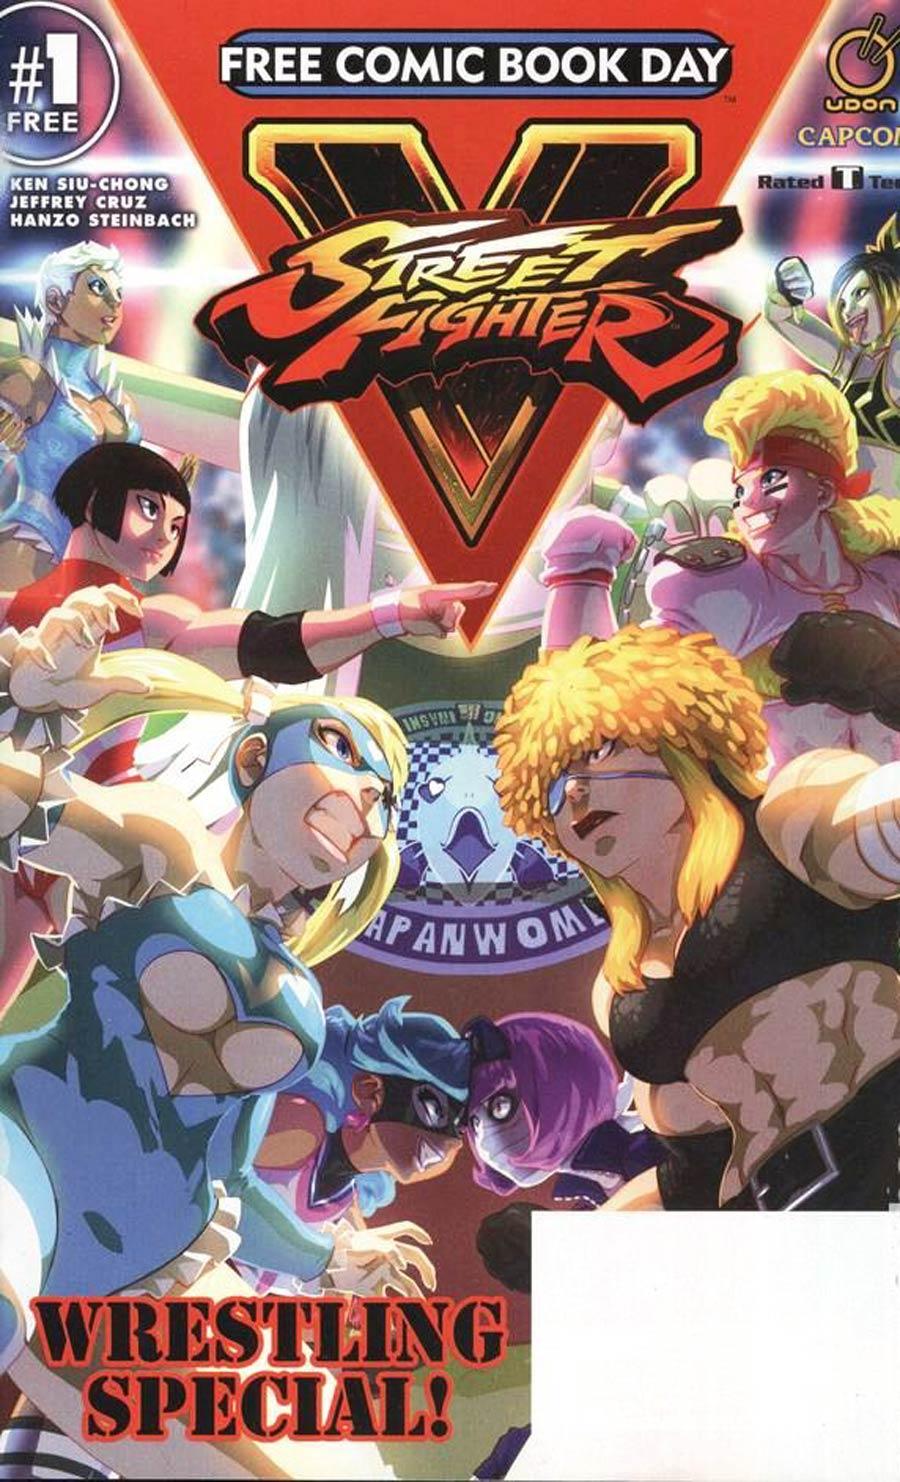 Street Fighter V Wrestling Special FCBD 2017